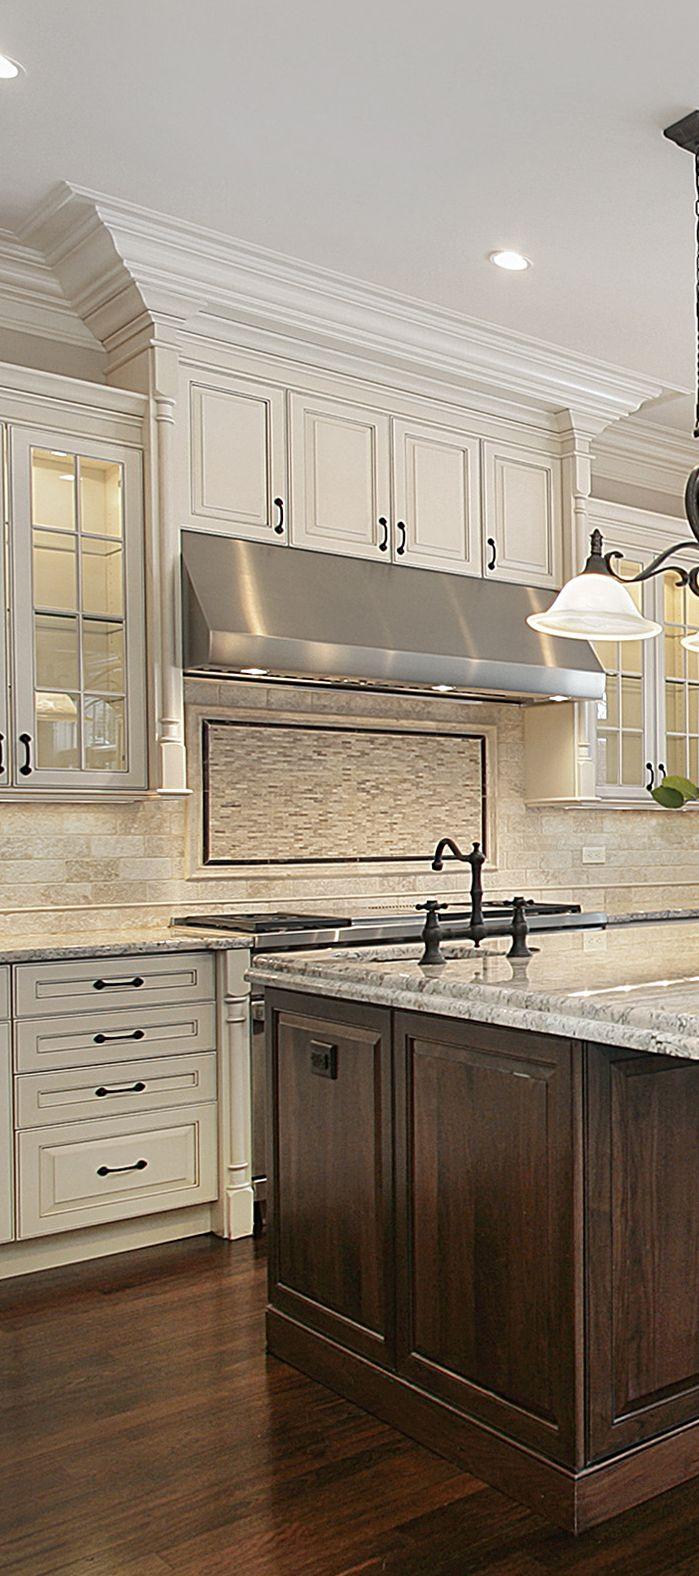 amazing modern kitchen cabinet design ideas home pinterest